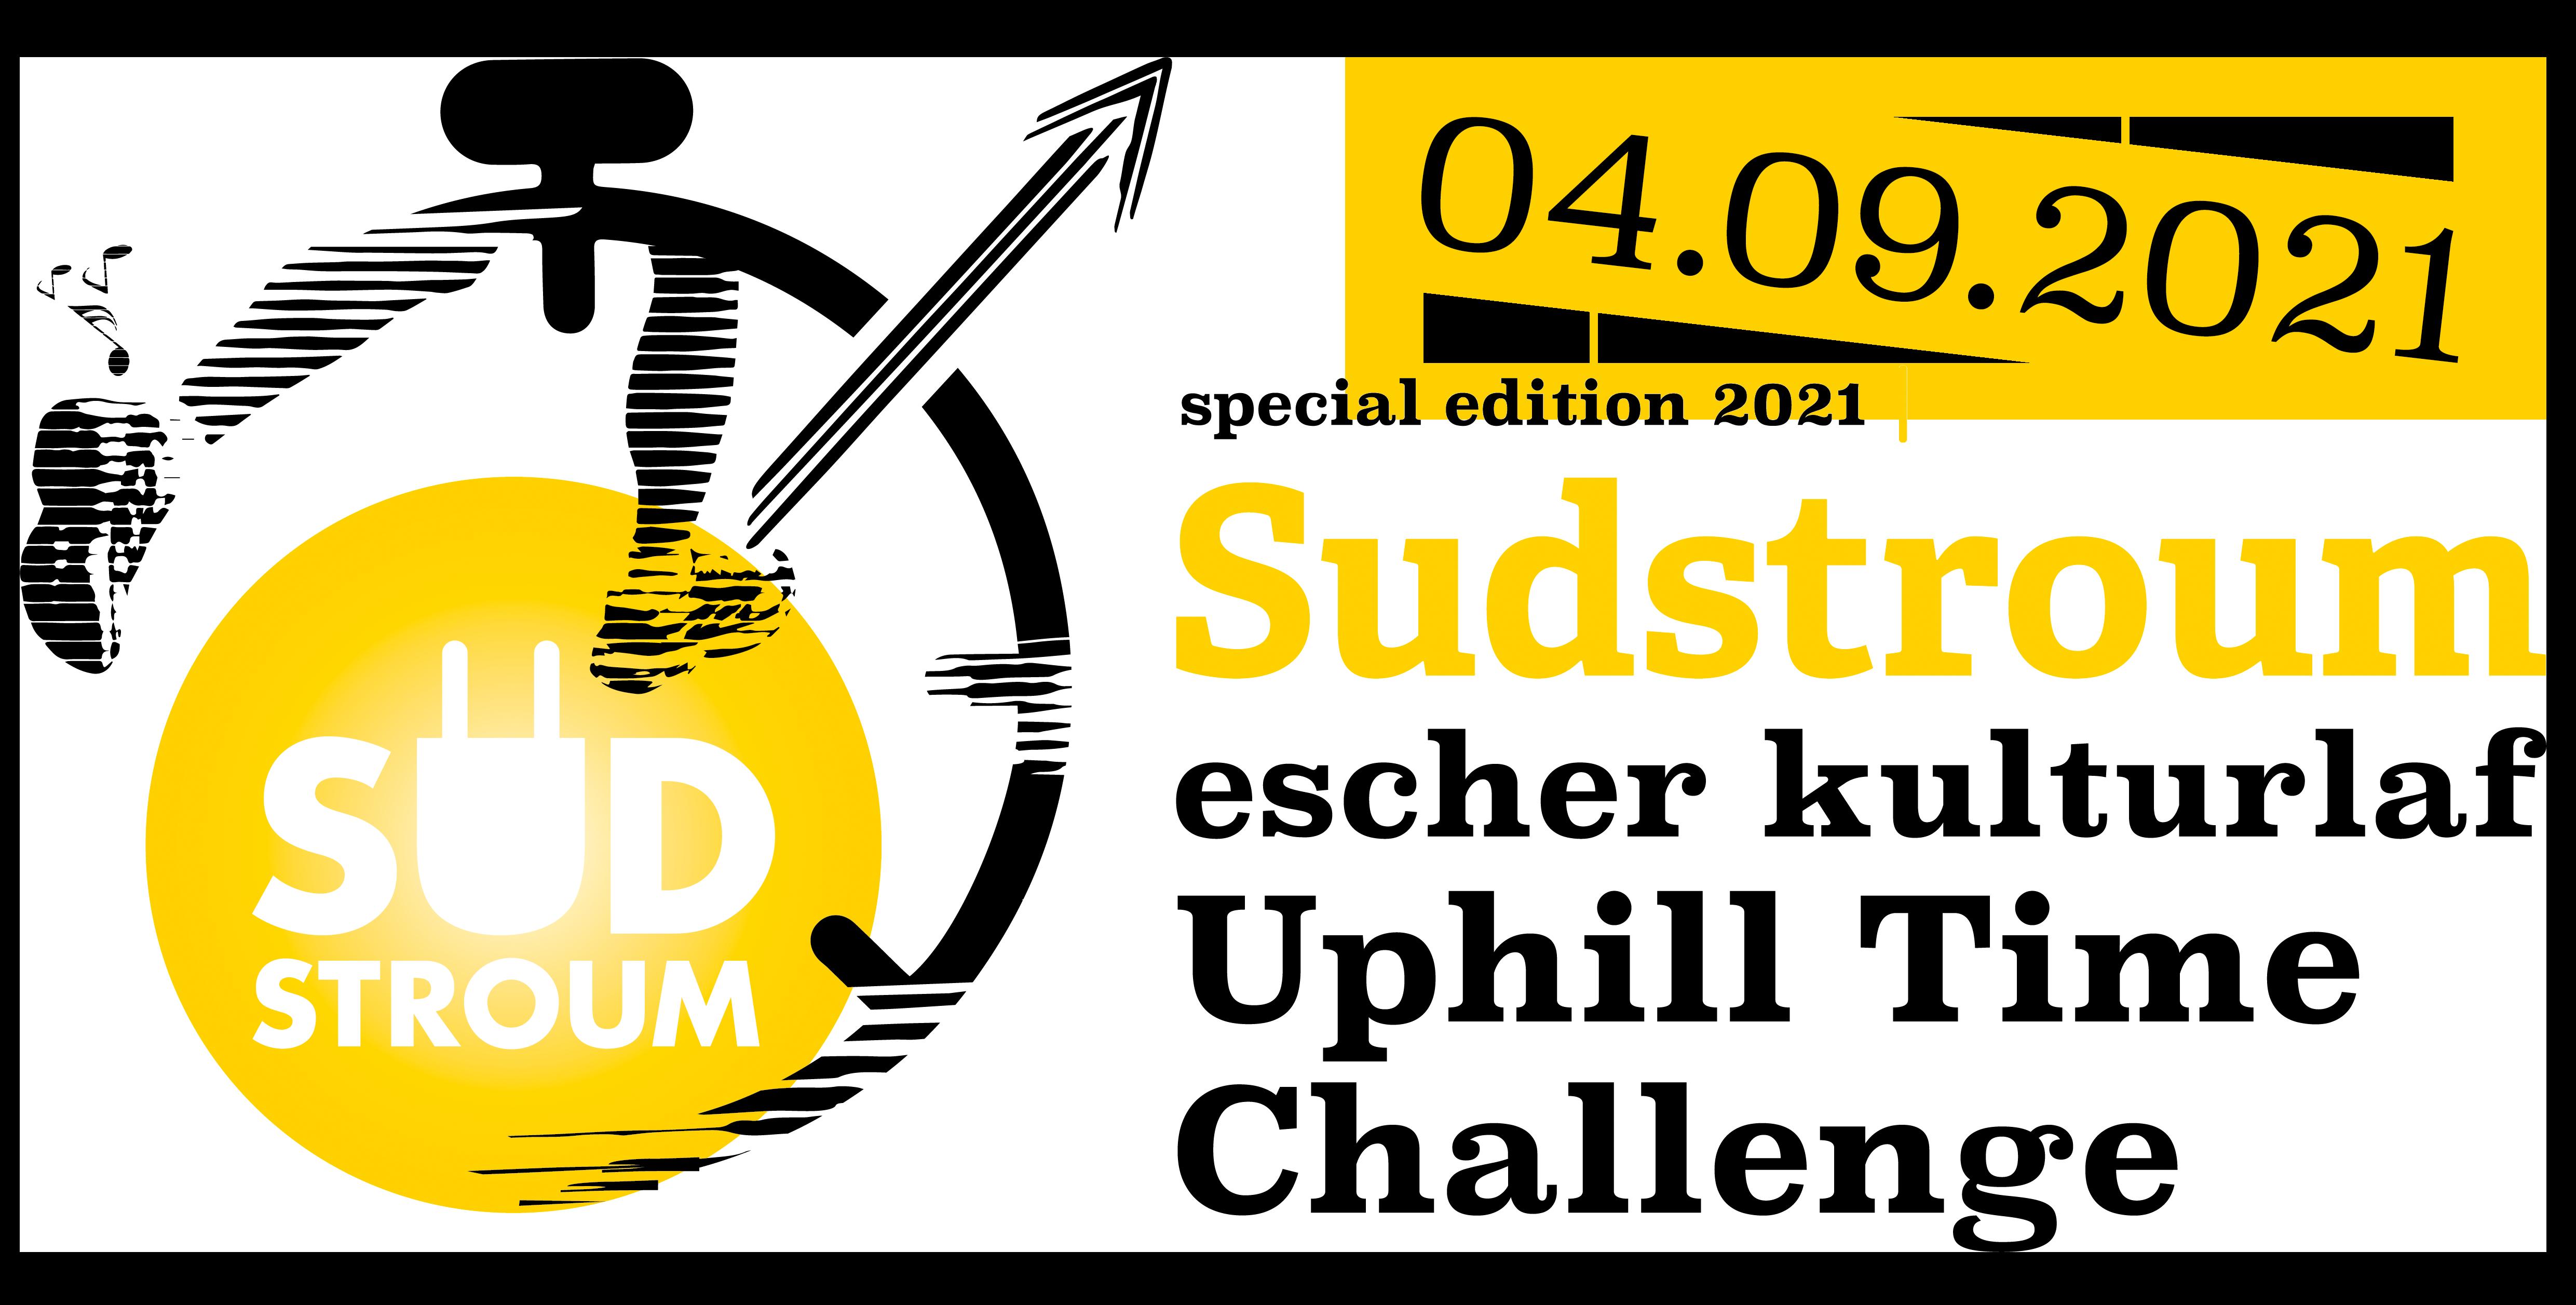 Sudstroum Escher Kulturlaf 2021